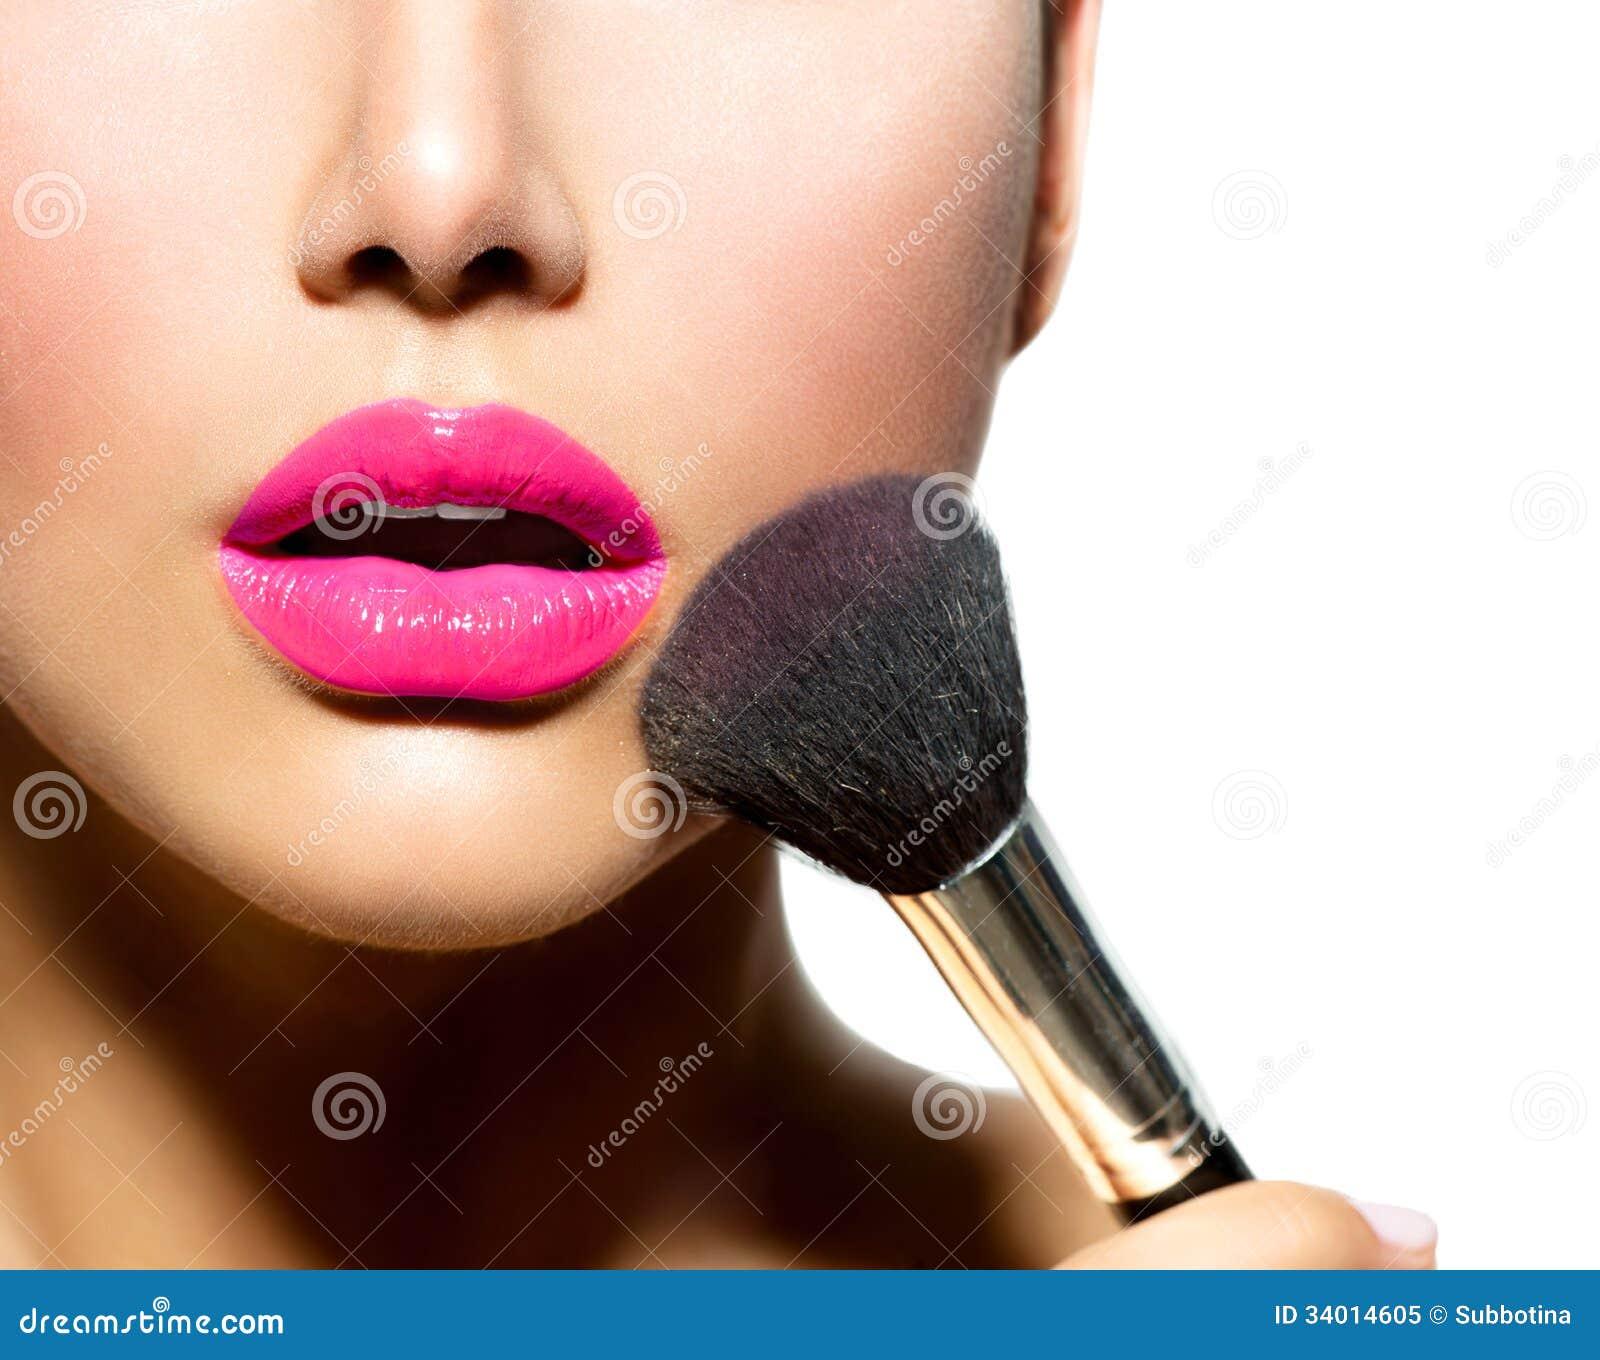 Makijaż Stosuje zbliżenie